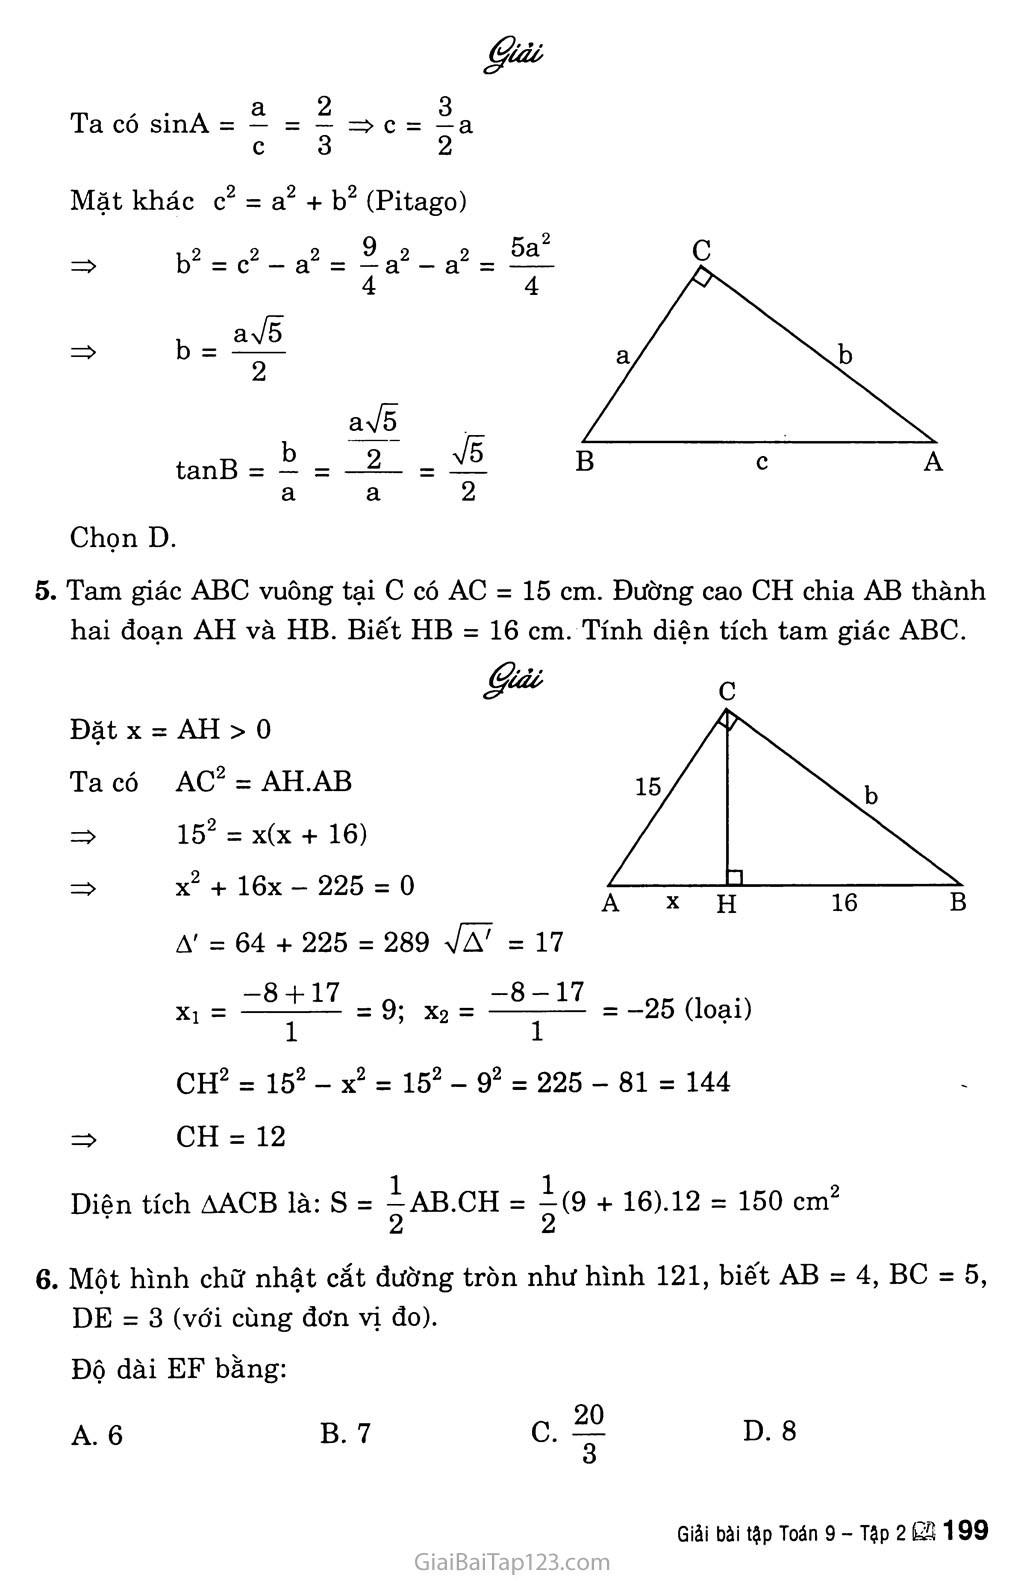 Bài tập ôn cuối năm trang 13